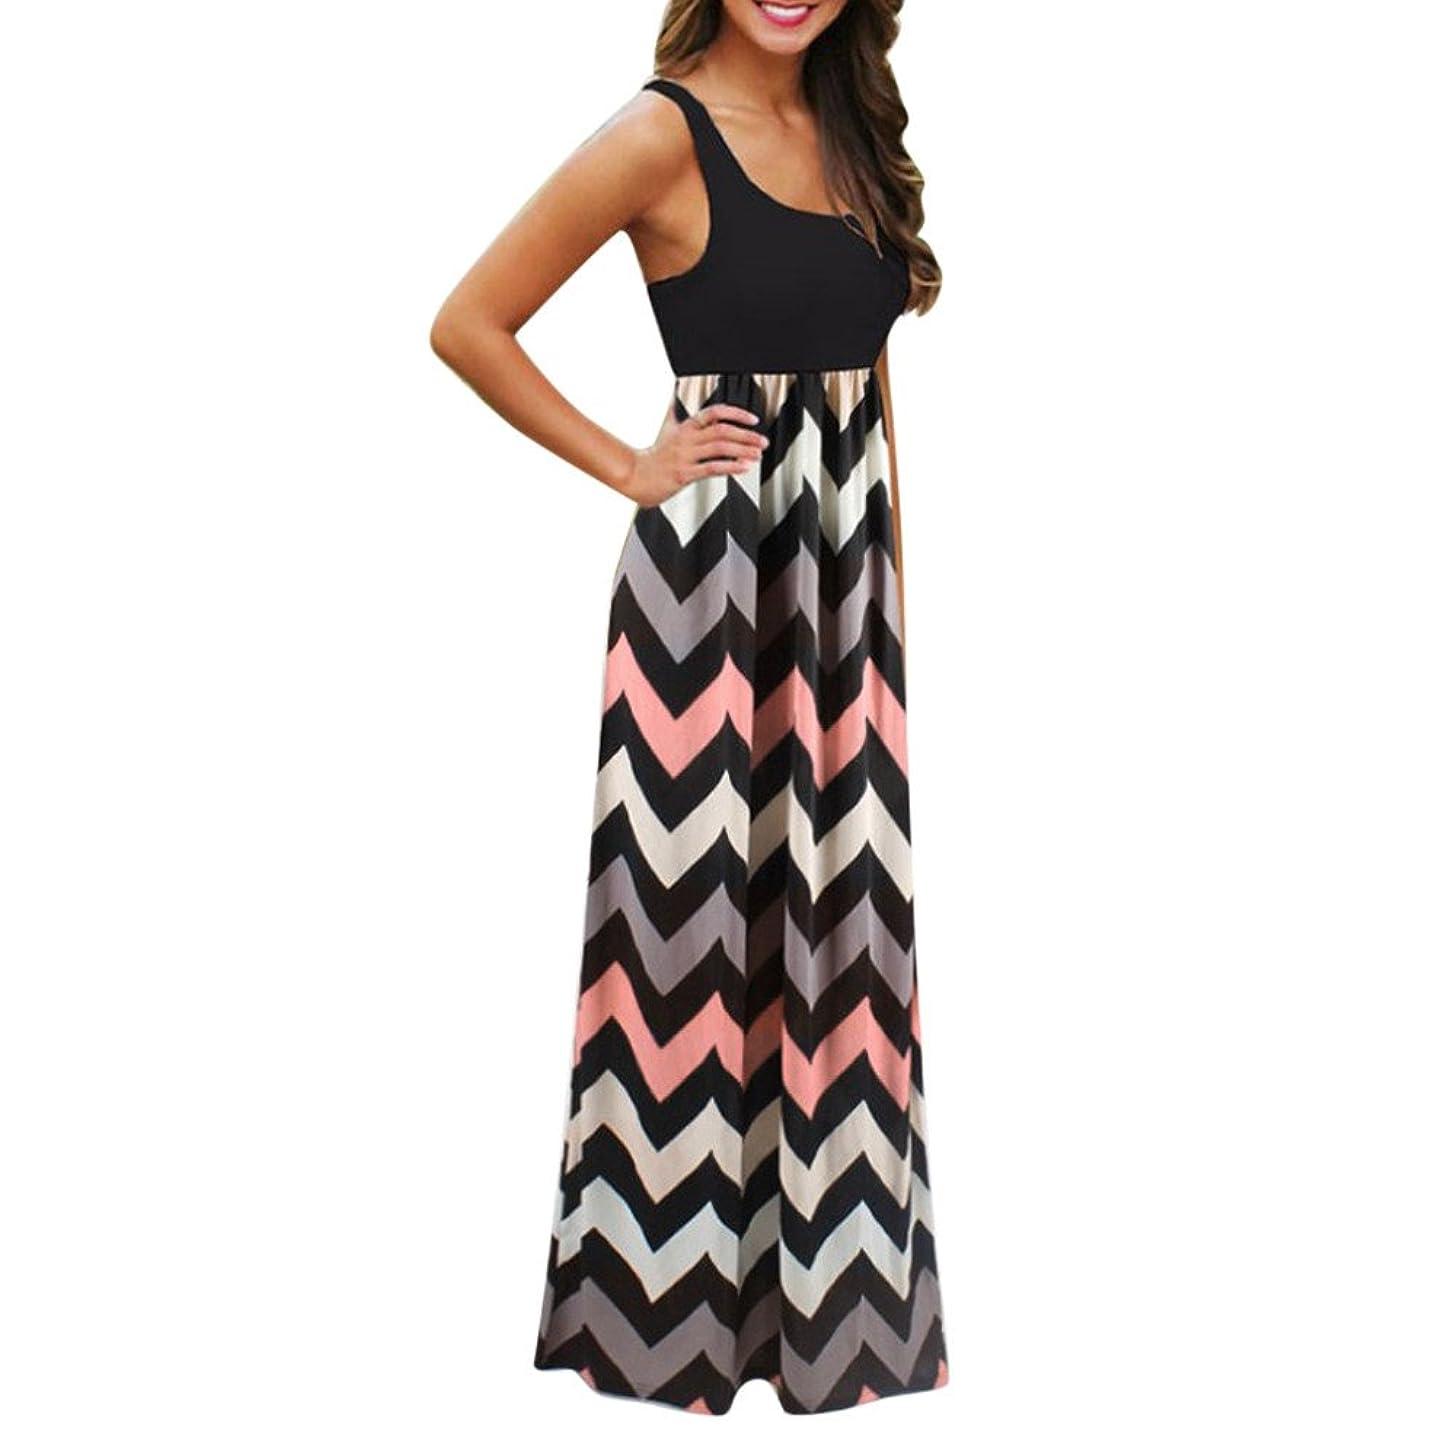 Gerichy Women Summer Dress,Womens Casual Dress Sleeveless Wave Striped Scoop Neck Tank Maxi Long Dress